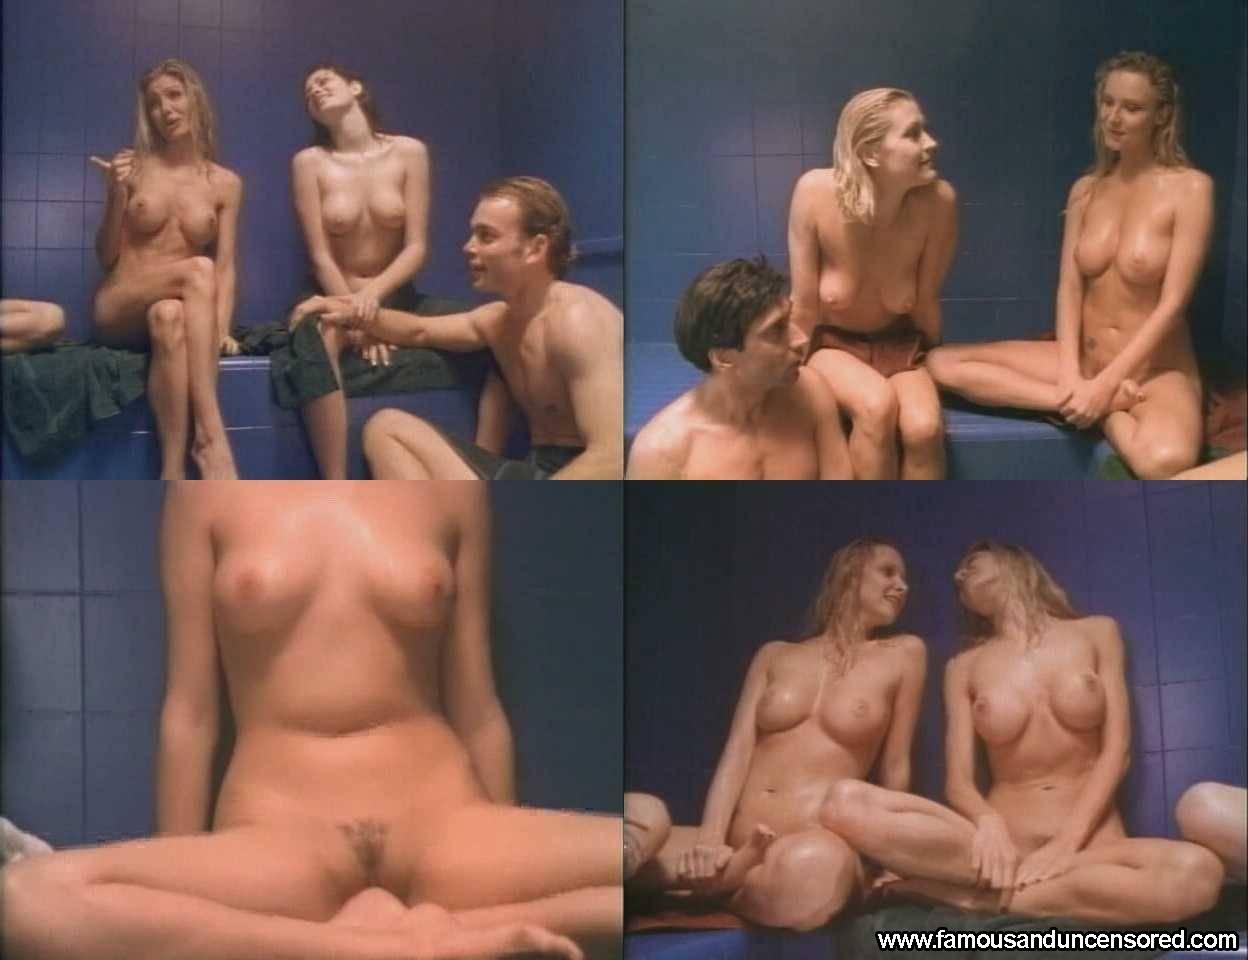 Ghostsex movie nude image porn movie